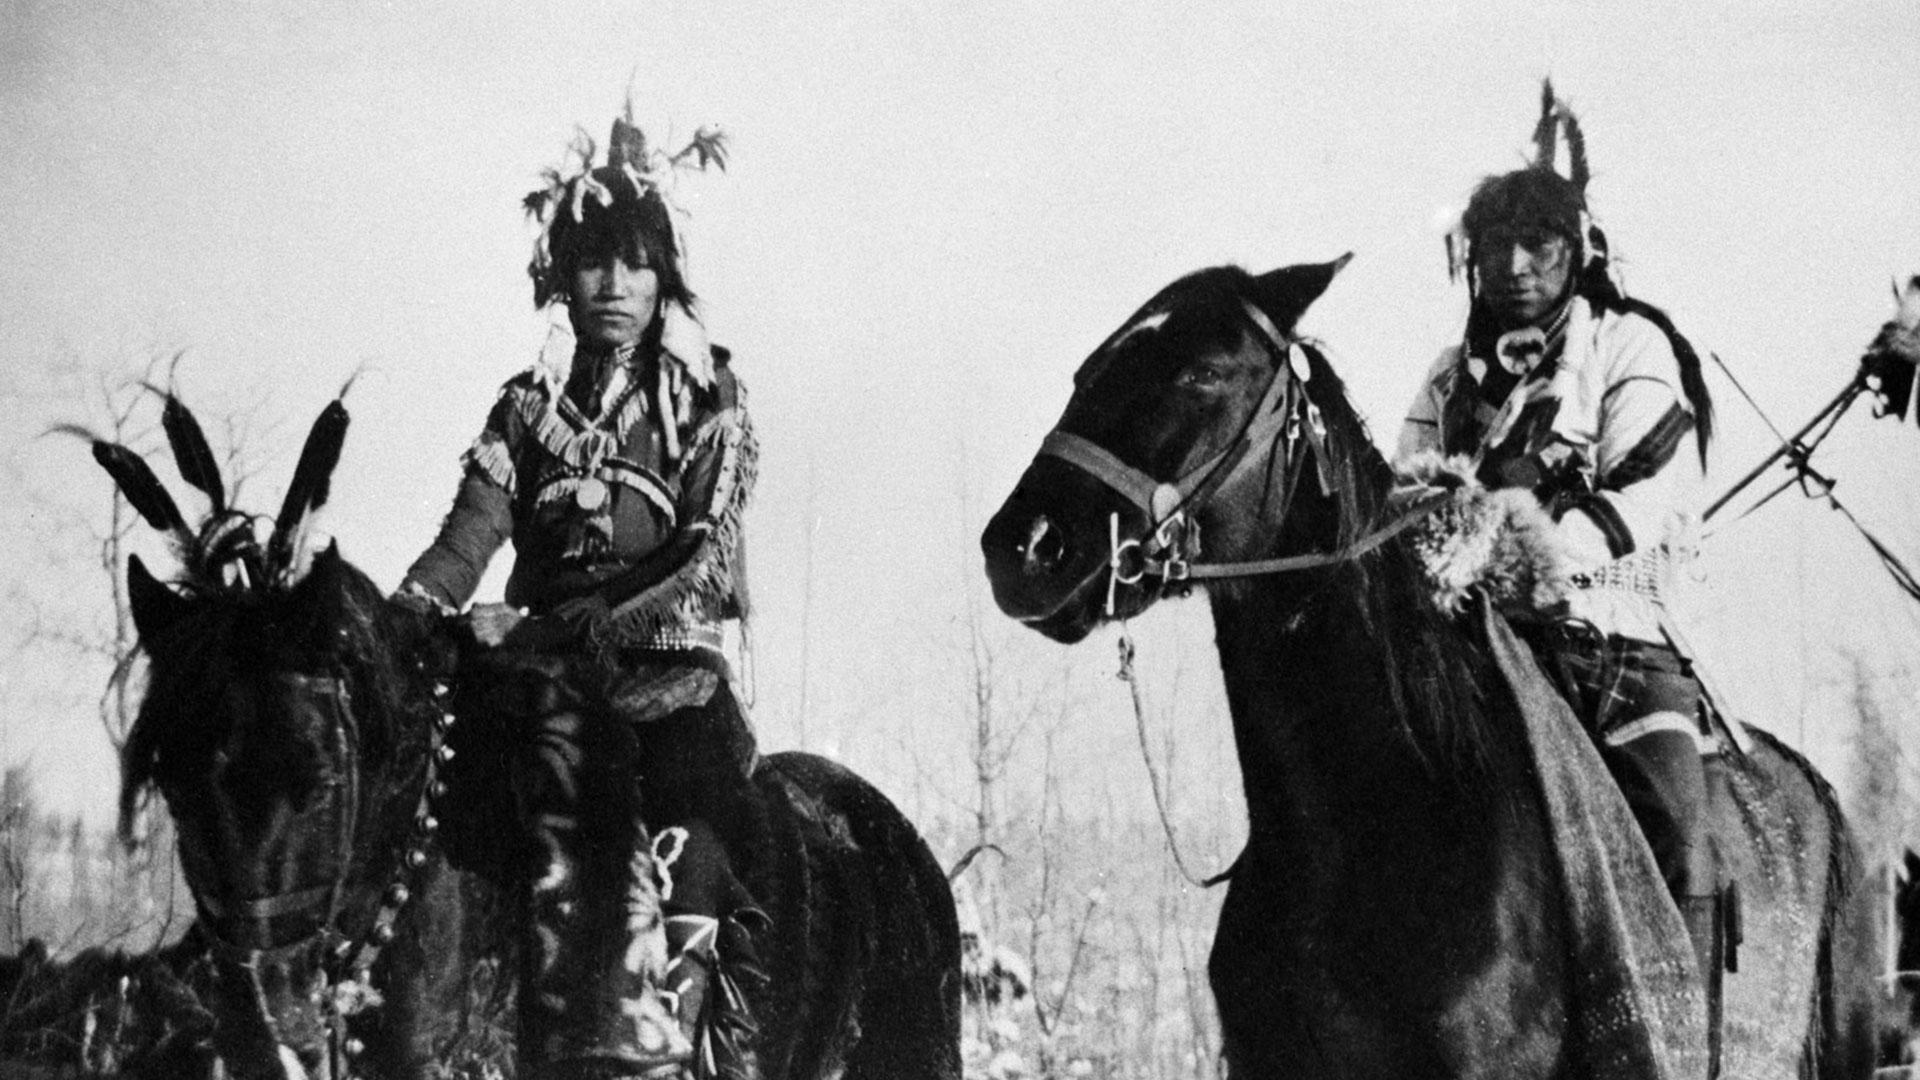 First Nations and Métis